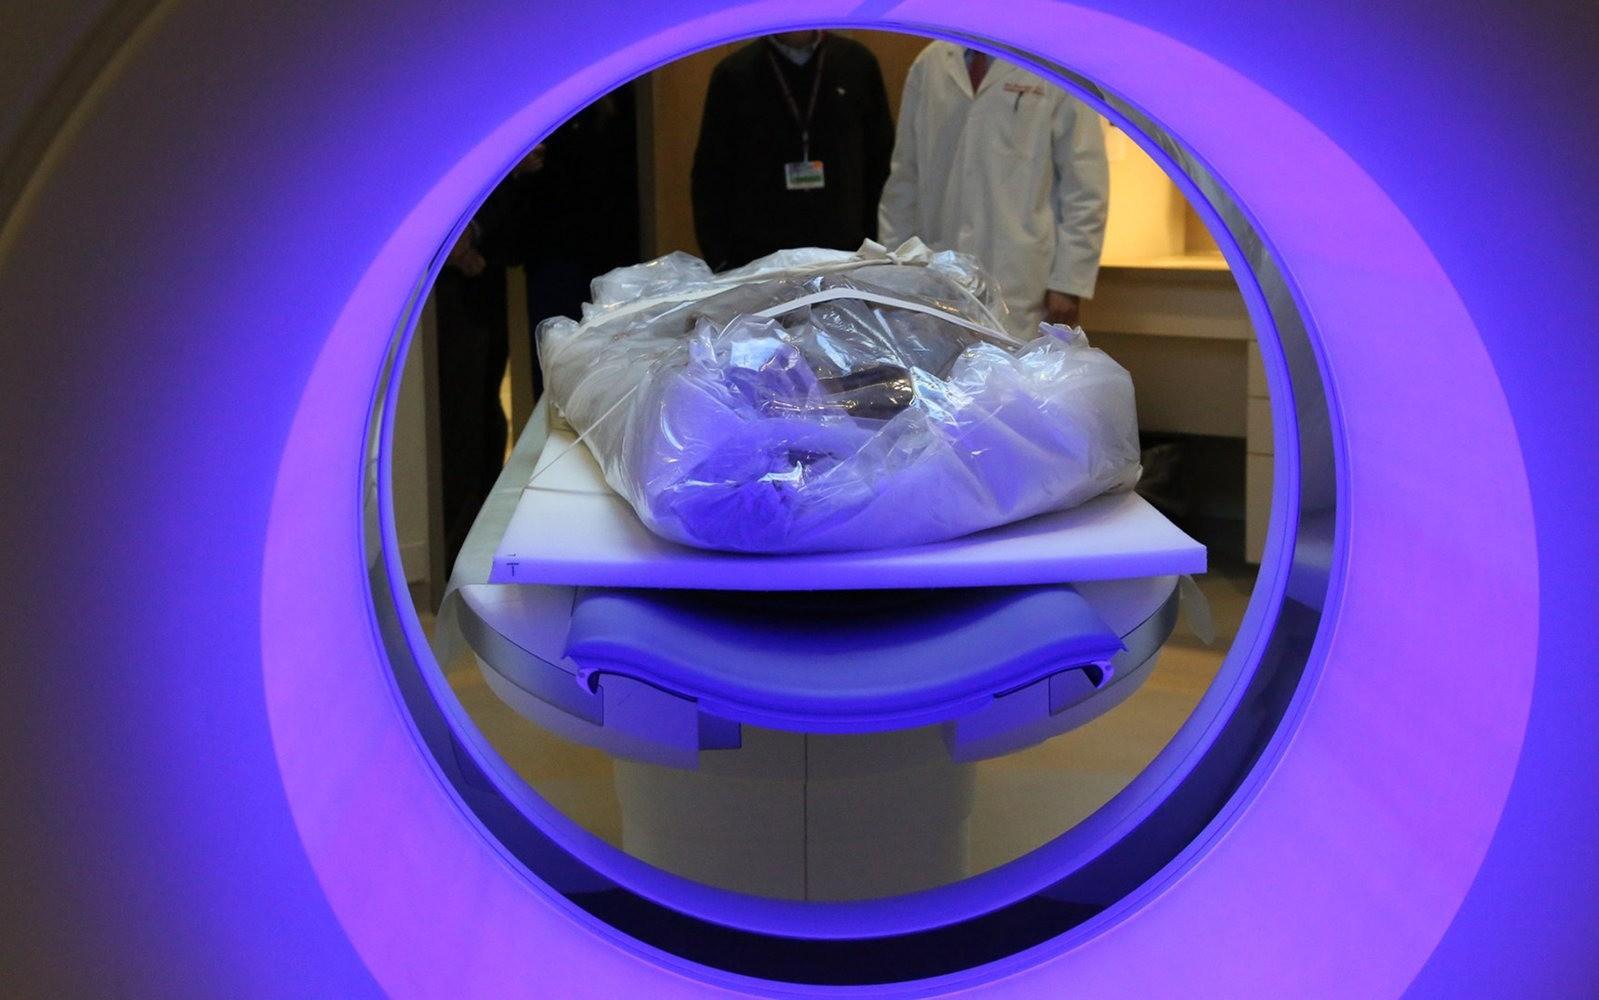 Dieta e estilo de vida podem ter causado problema cardíaco em múmias da Groenlândia (Foto: Brigham and Women's Hospital)